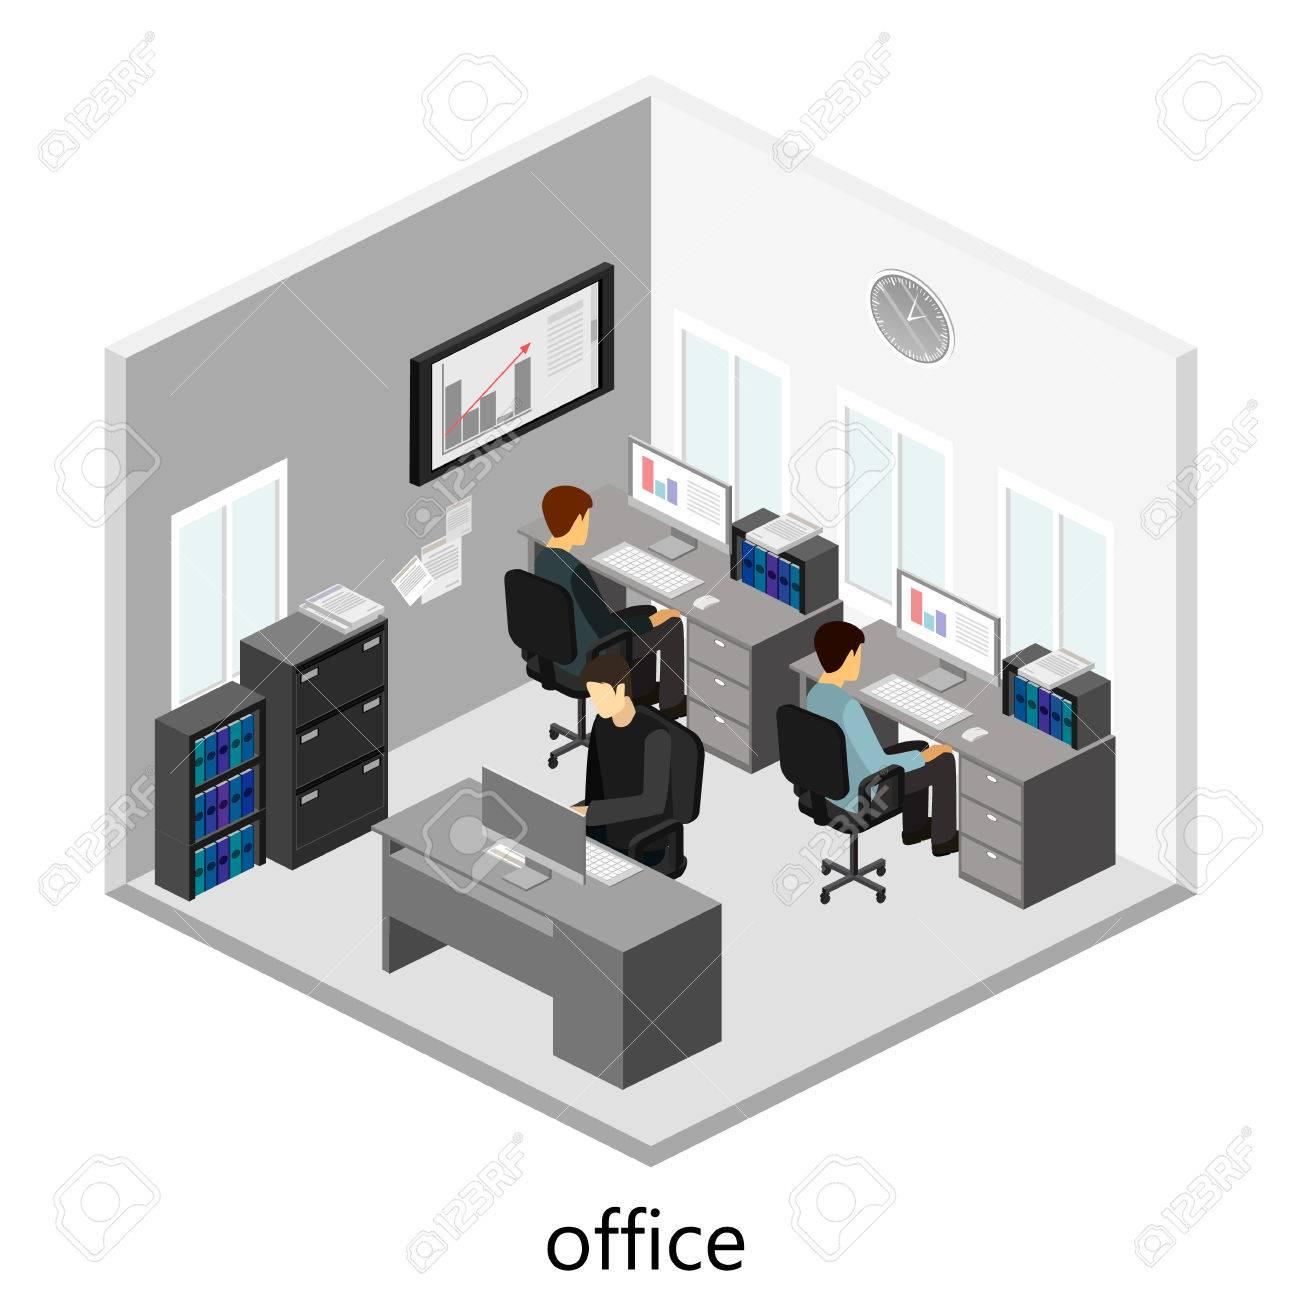 3D Isométrico Planta De Oficinas Abstracto Concepto Departamentos ...